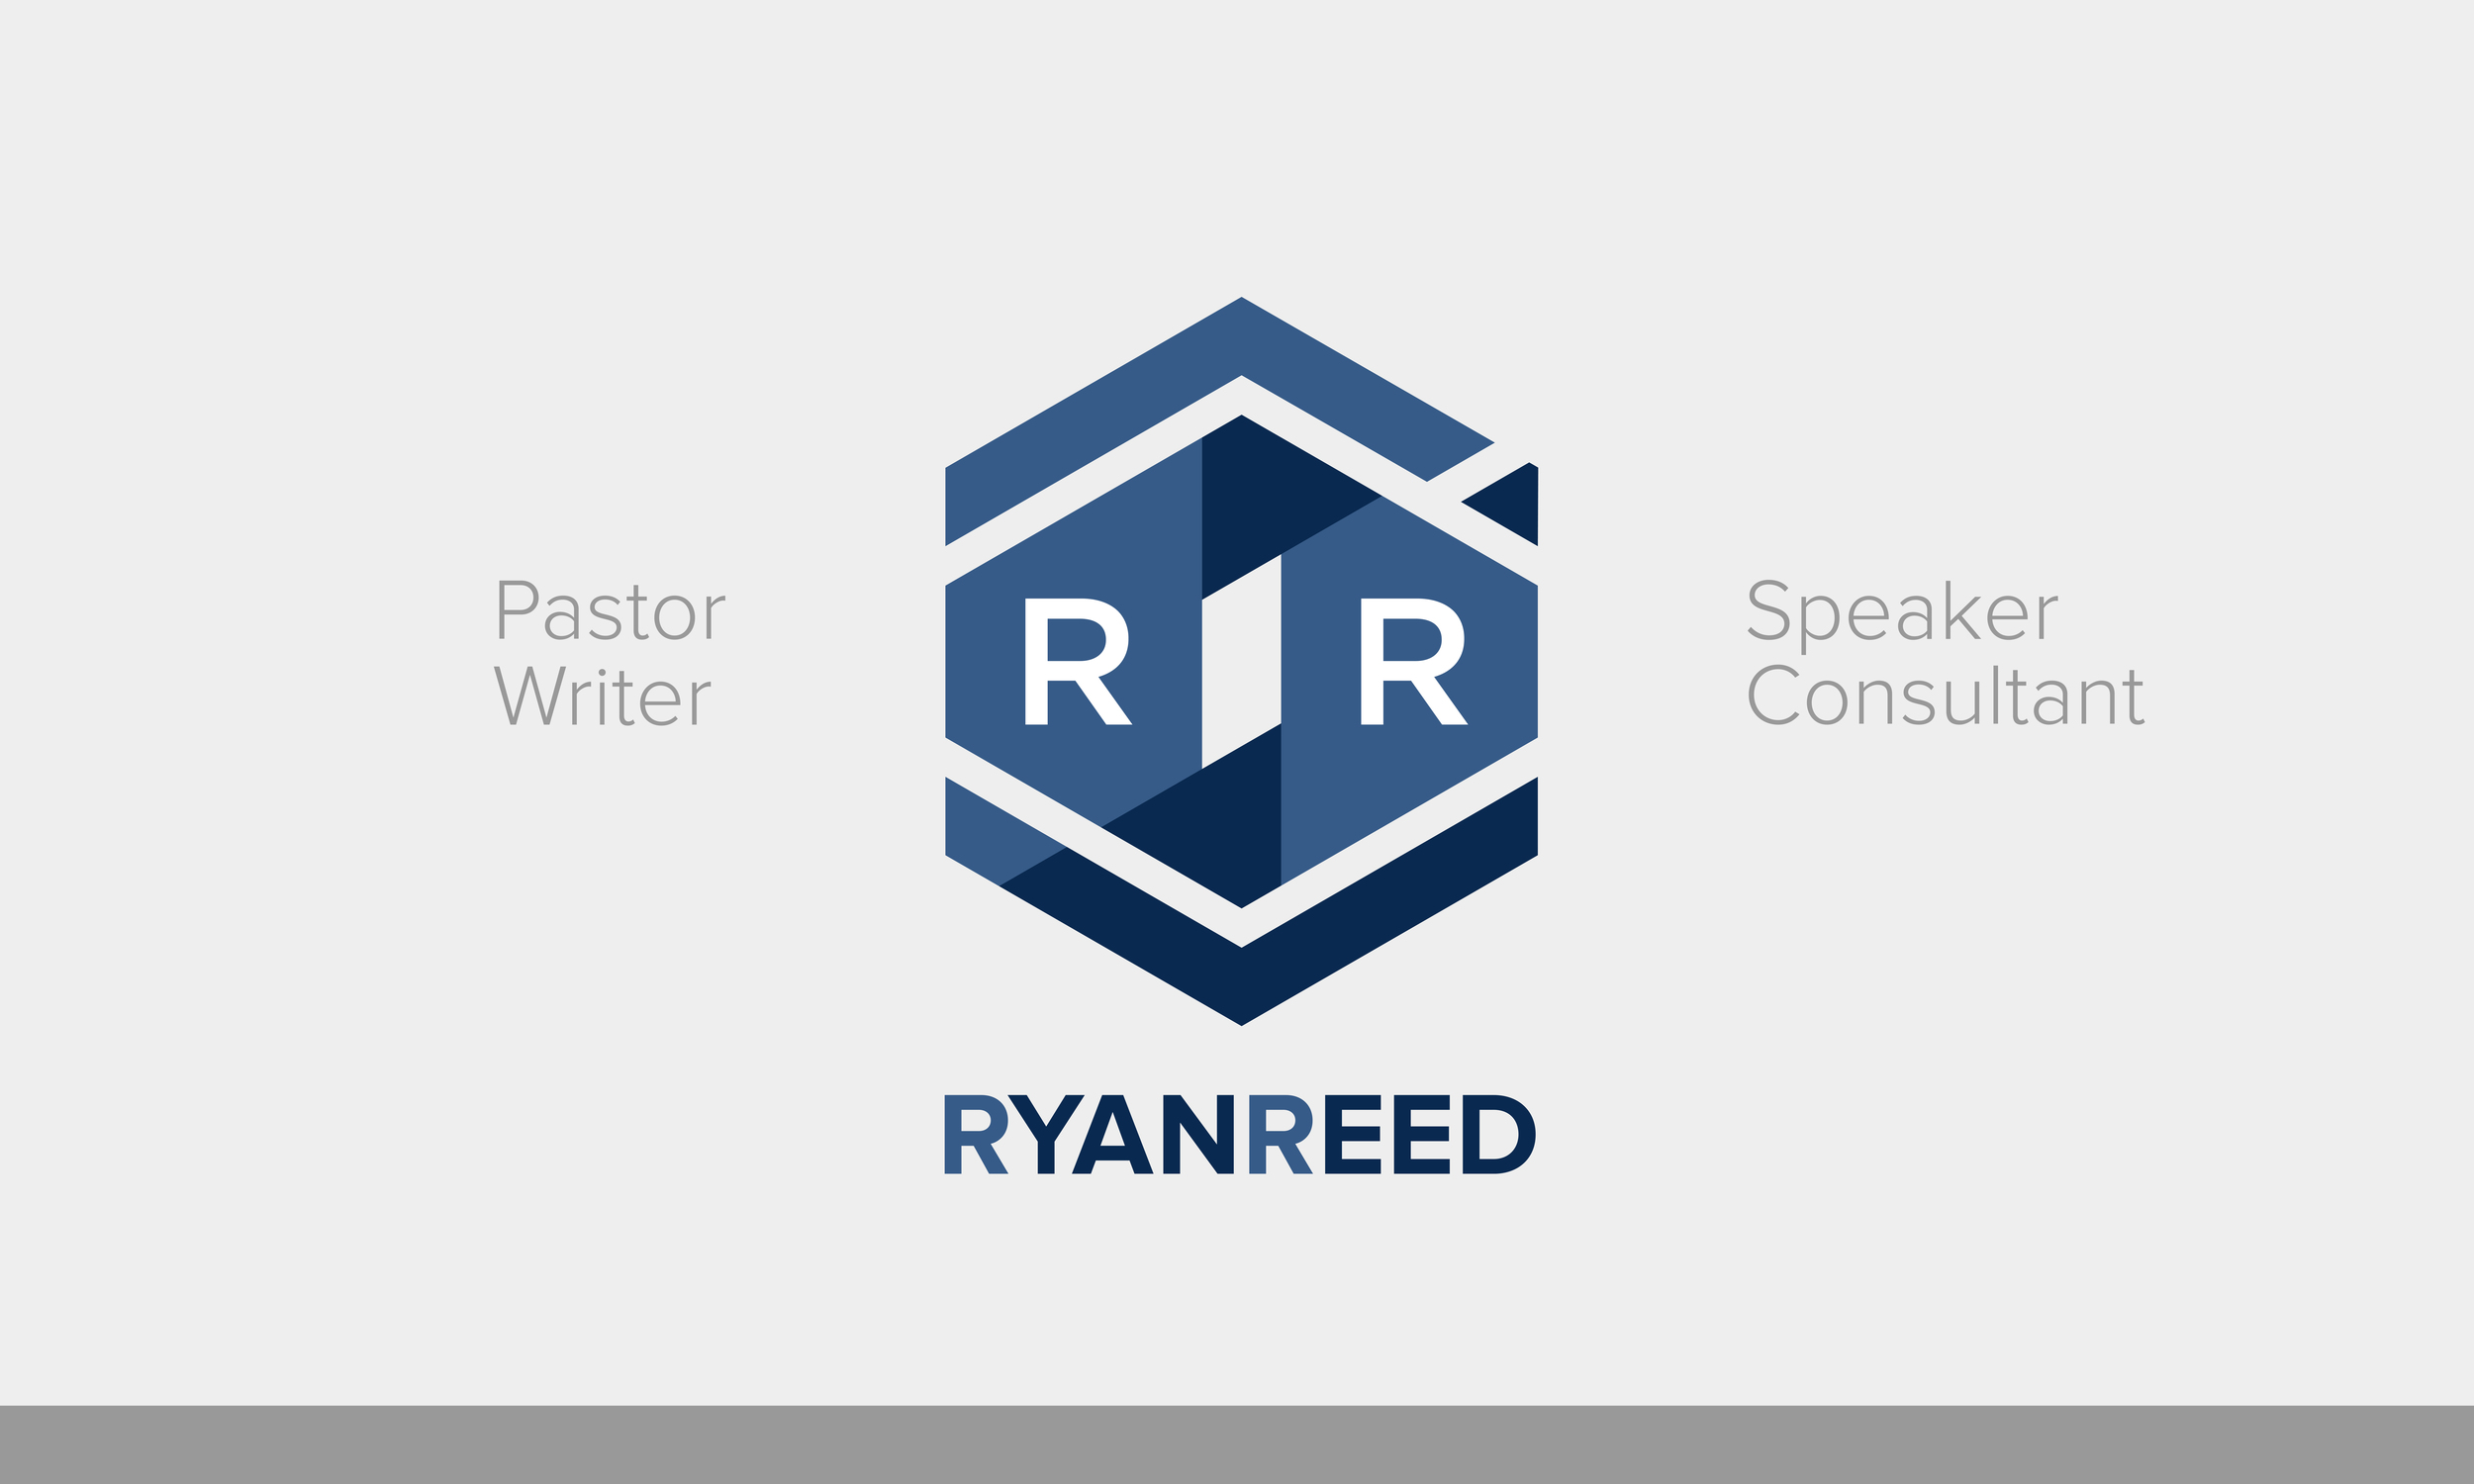 Ryan_reed_logo_type_Splash_superflat-01.jpg